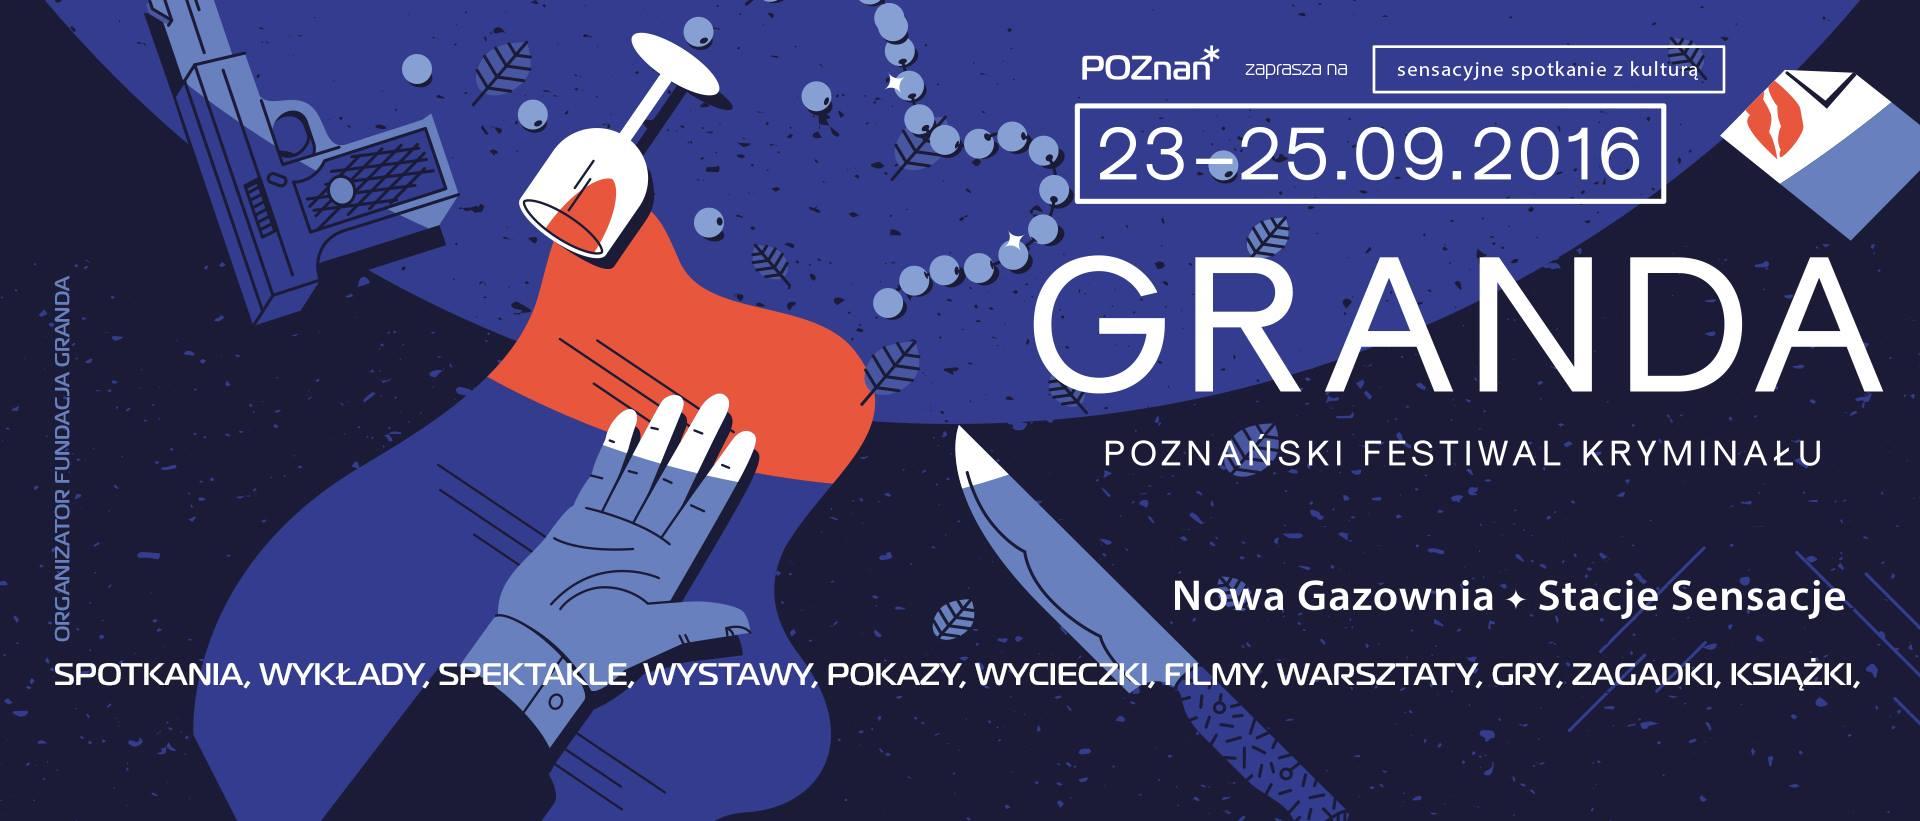 poznanski-festiwal-kryminalu-granda